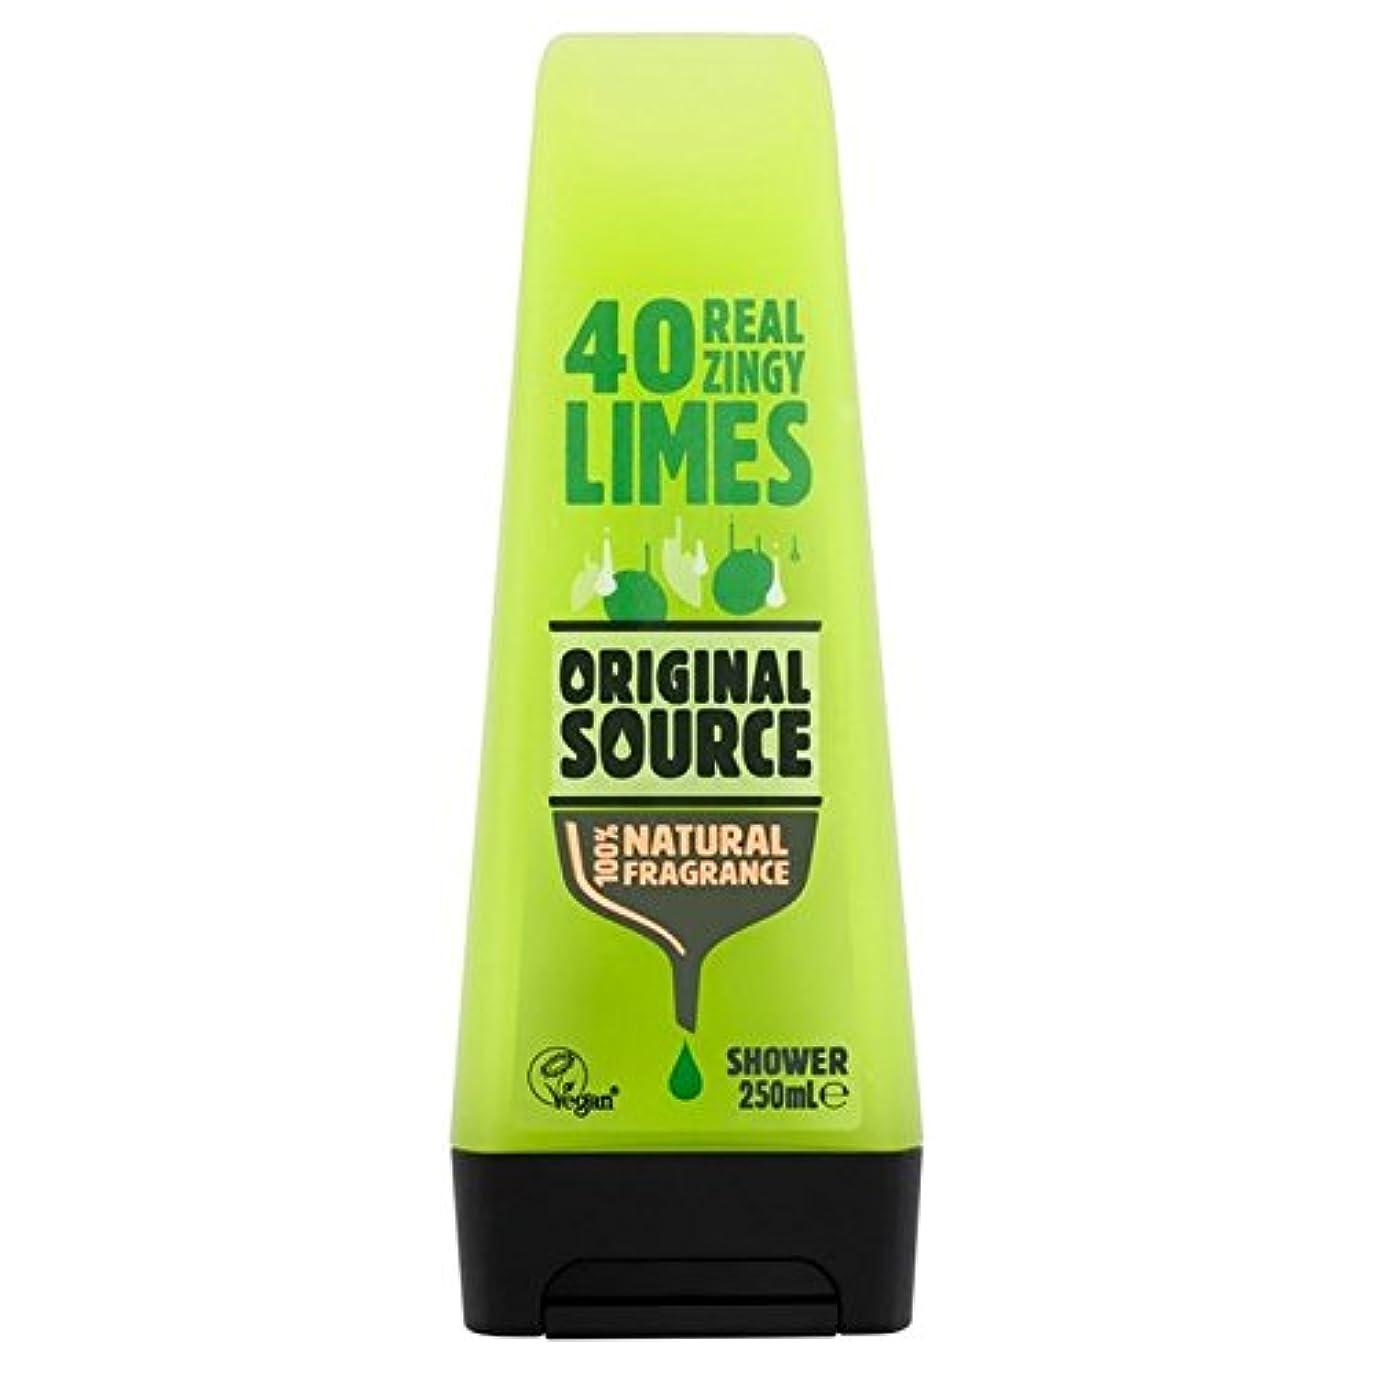 ガウン怖いターミナルOriginal Source Lime Shower Gel 250ml (Pack of 6) - 元のソースライムシャワージェル250ミリリットル x6 [並行輸入品]